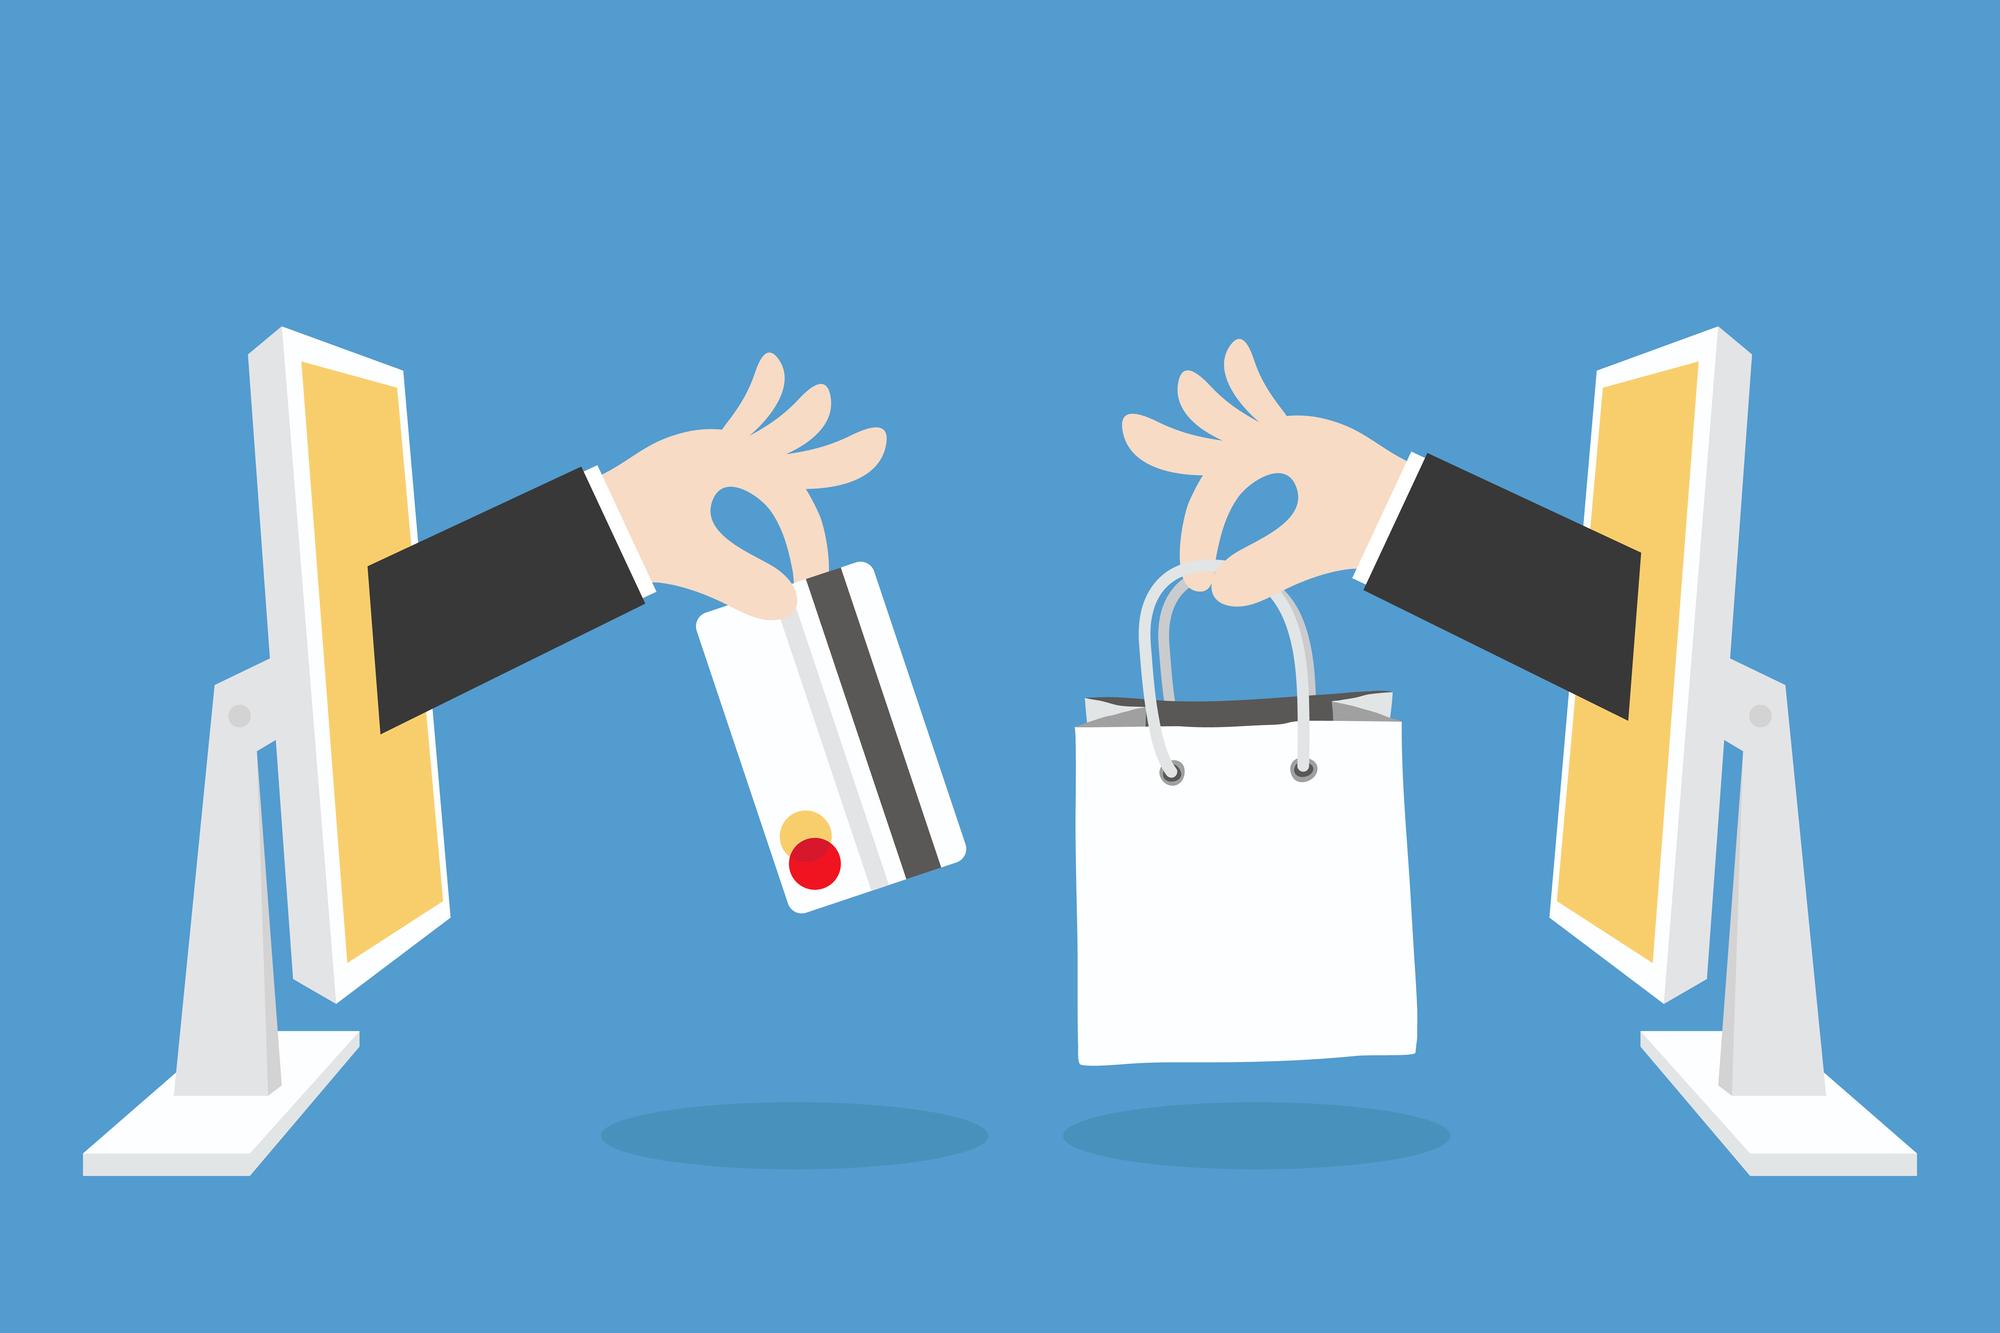 Hướng dẫn thanh toán hộ qua Alipay, Wechat